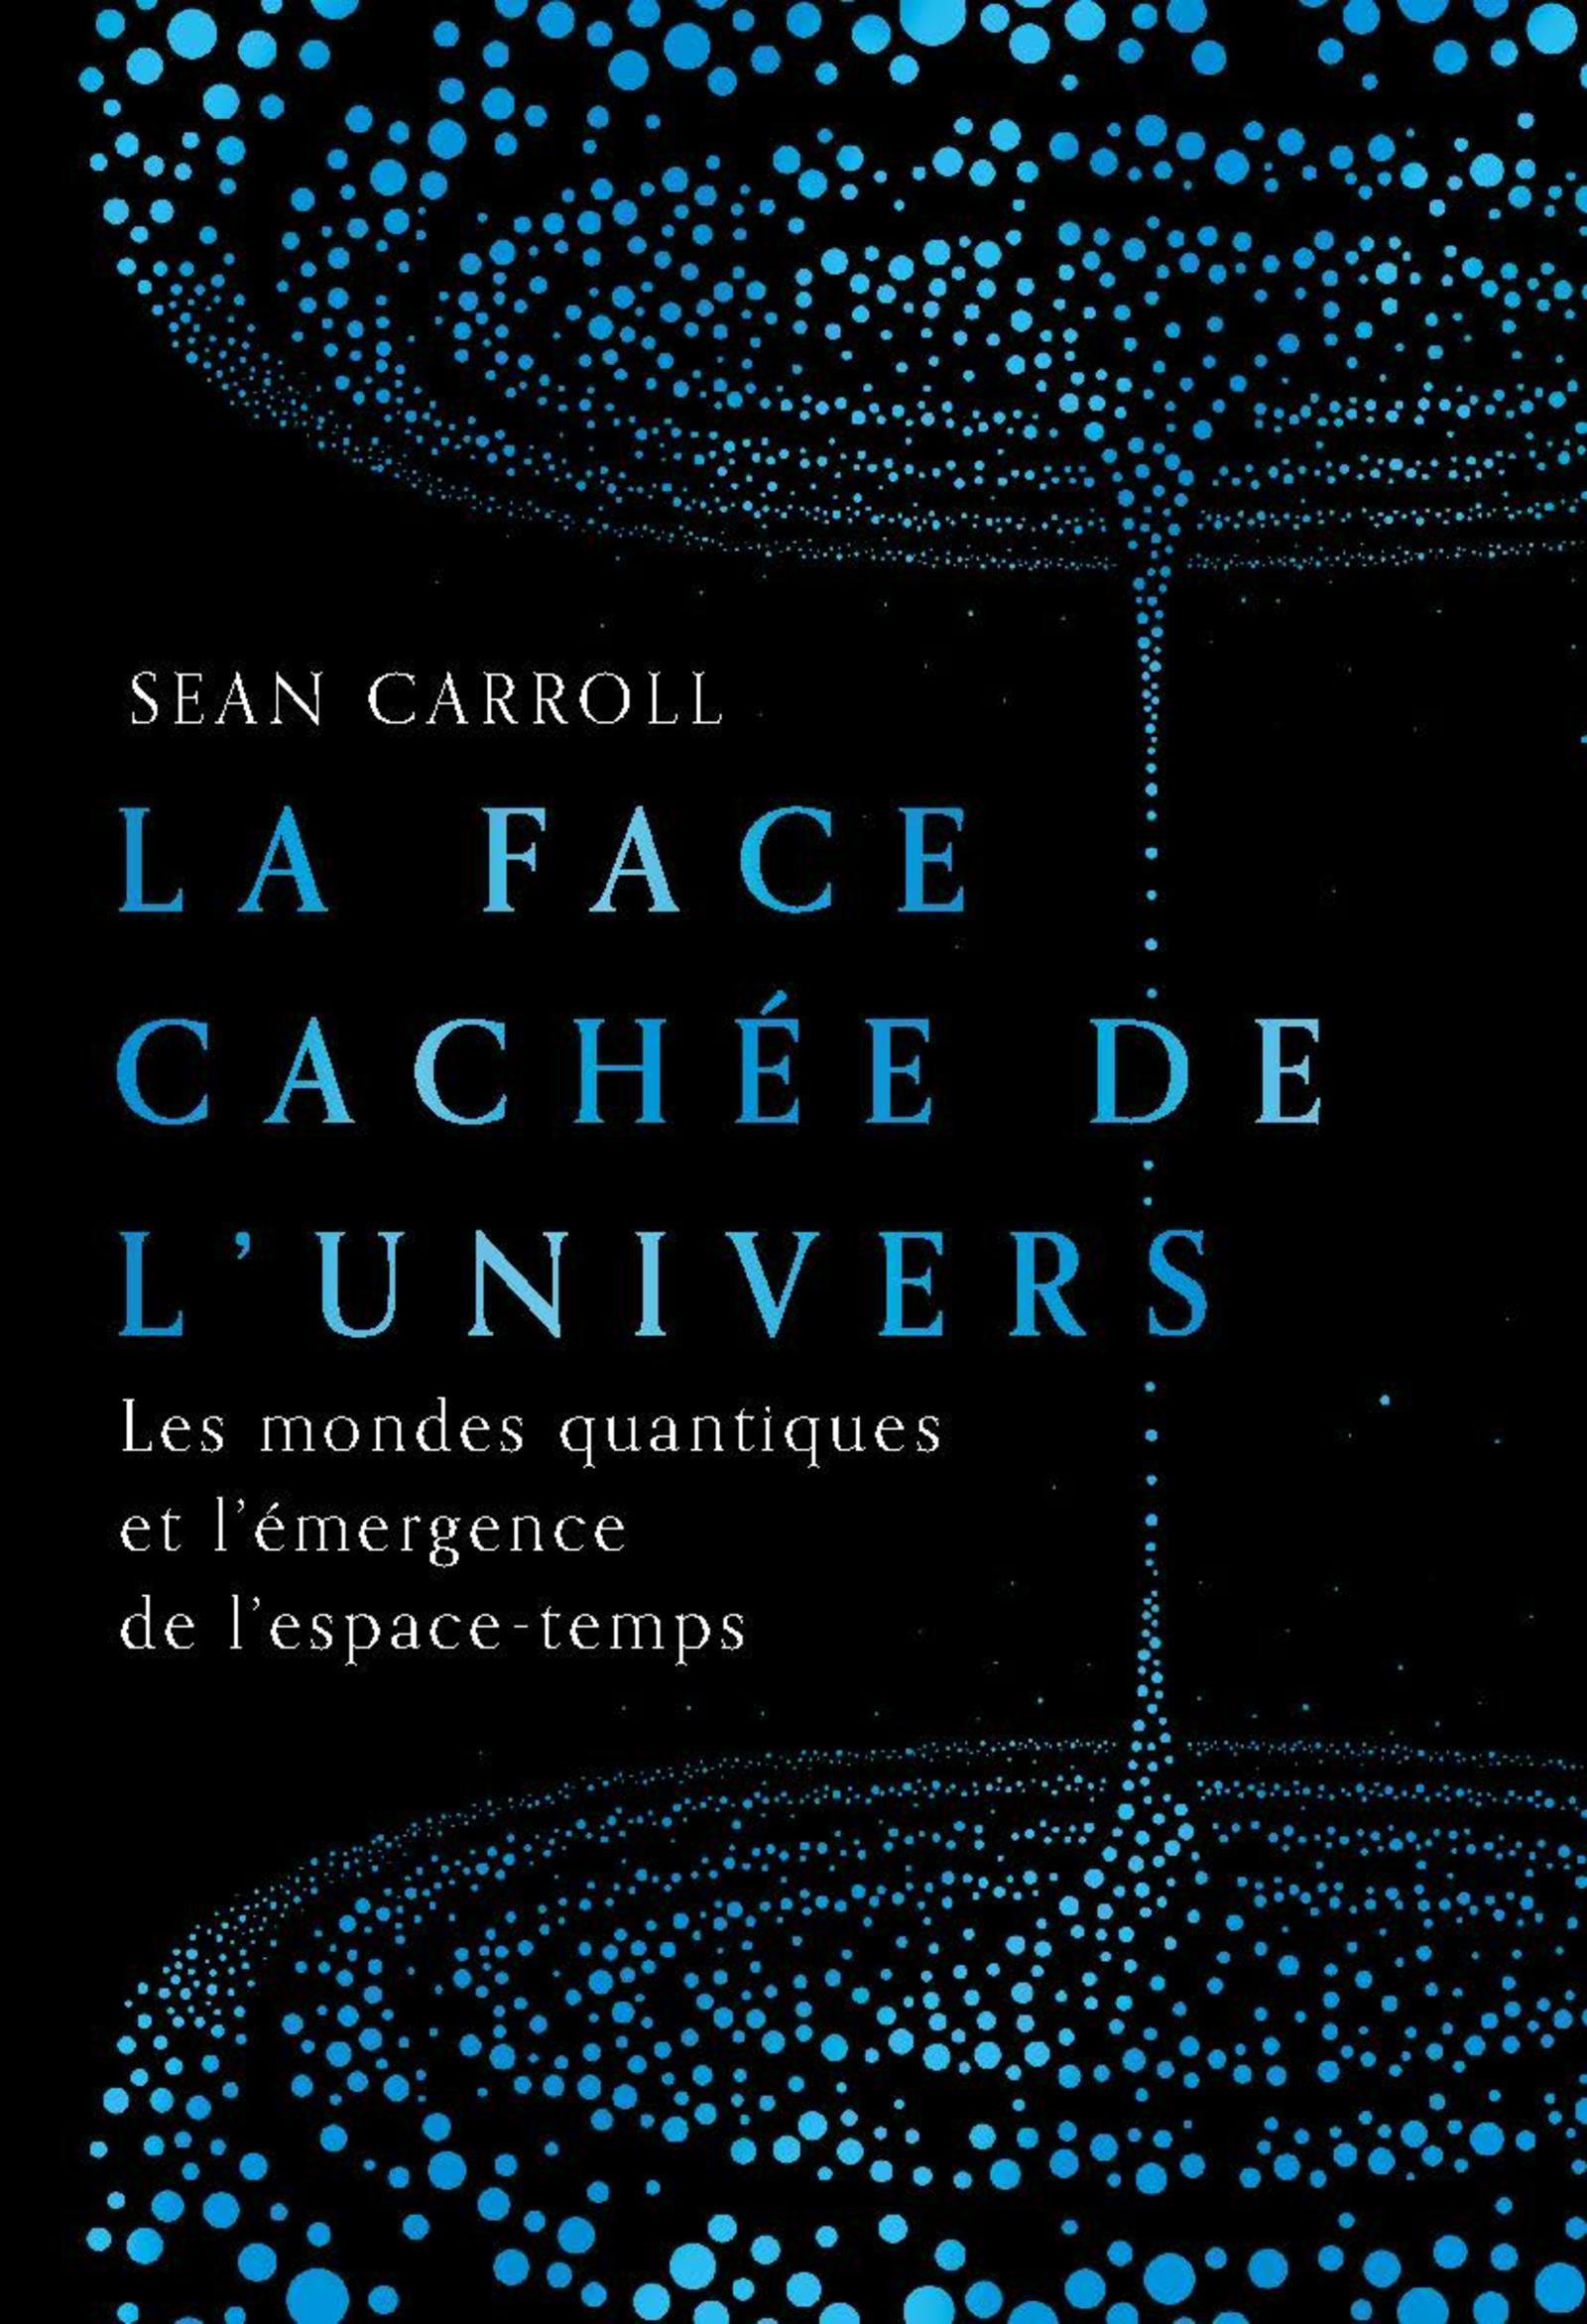 LA FACE CACHEE DE L'UNIVERS - LES MONDES QUANTIQUES ET L'EMERGENCE DE L'ESPACE-TEMPS